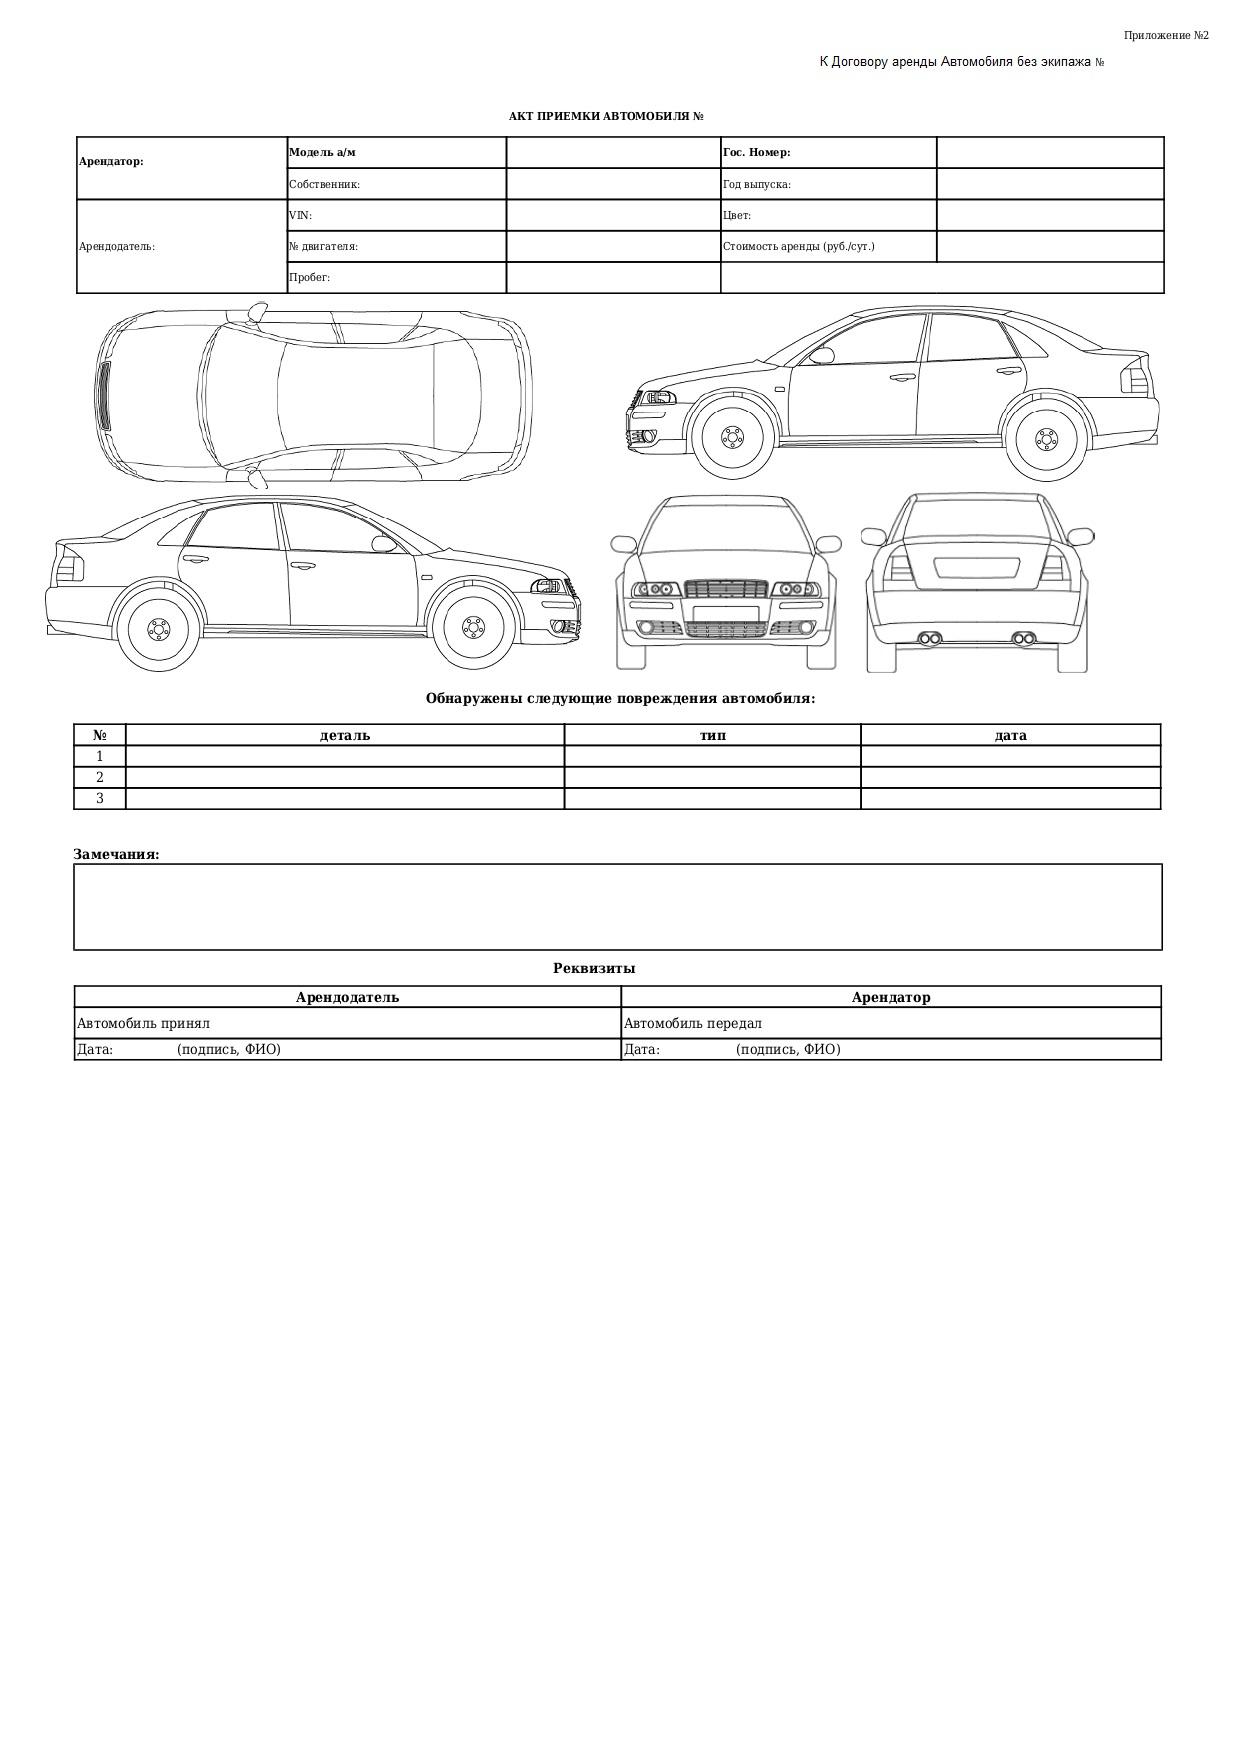 Акт приемки автомобиля